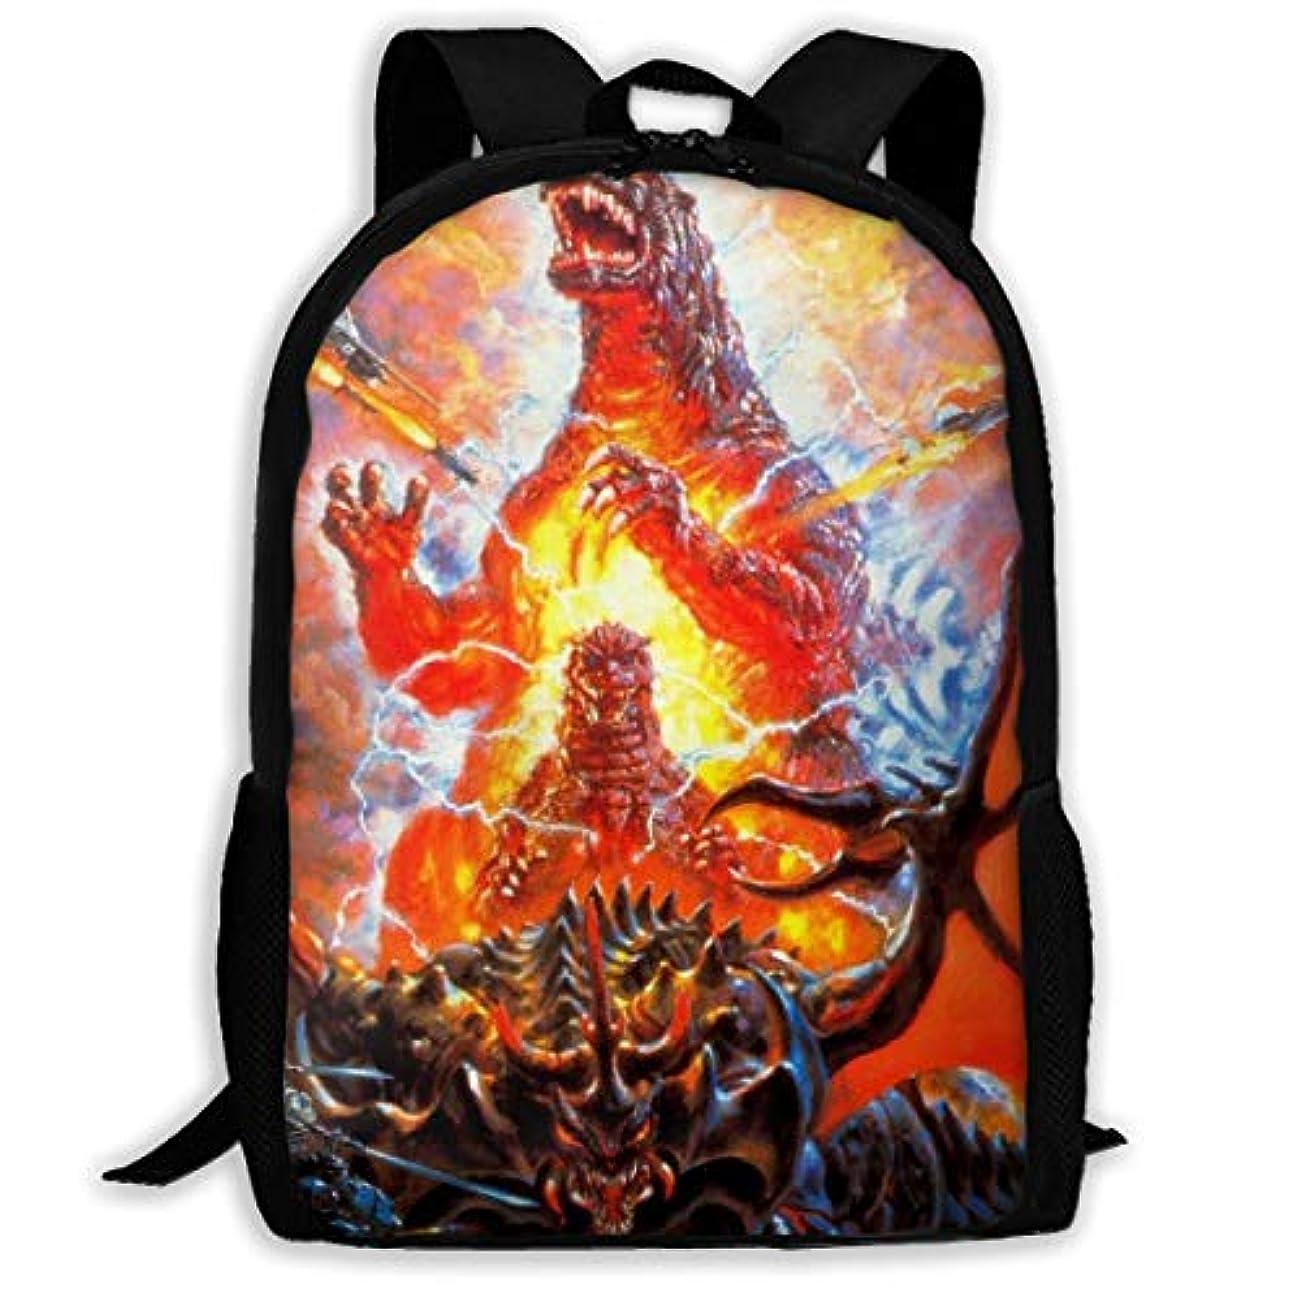 分数シルク適応するカンナ インディーダ ゴジラ Godzilla バッグ 鞄 リュック バックパック リュックサック 背負う 通学 通勤 遠足 アウトドア ファッション 個性的 双肩バッグ スクエアリュック 多機能 大容量